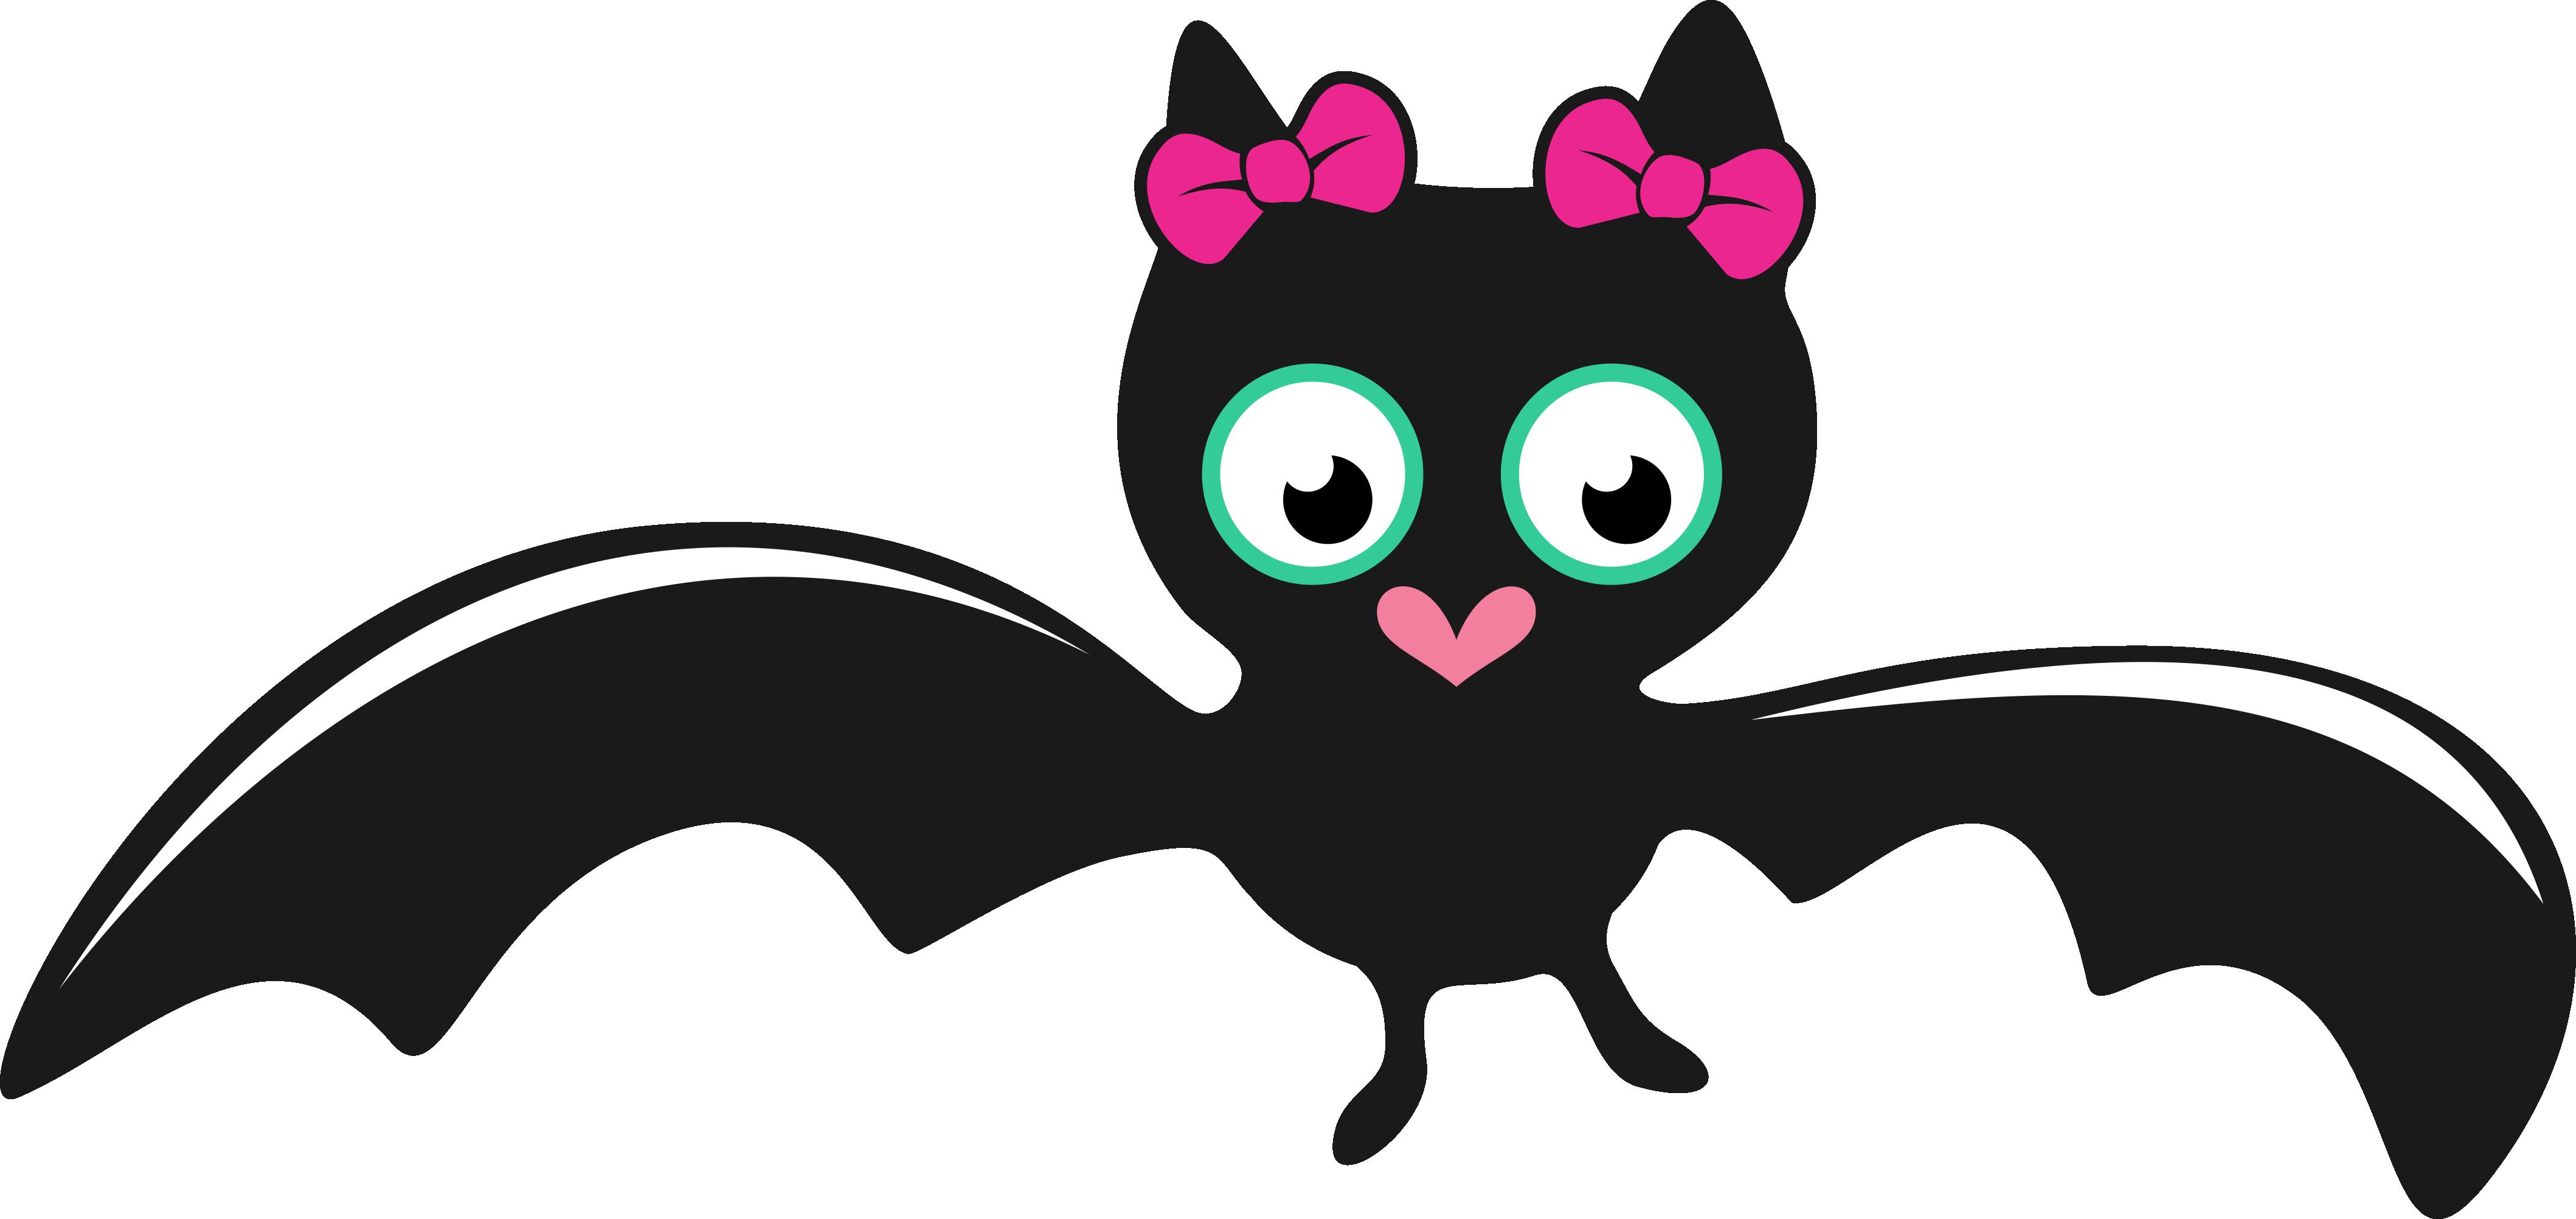 png black and white library Bat . Bats clipart kawaii.